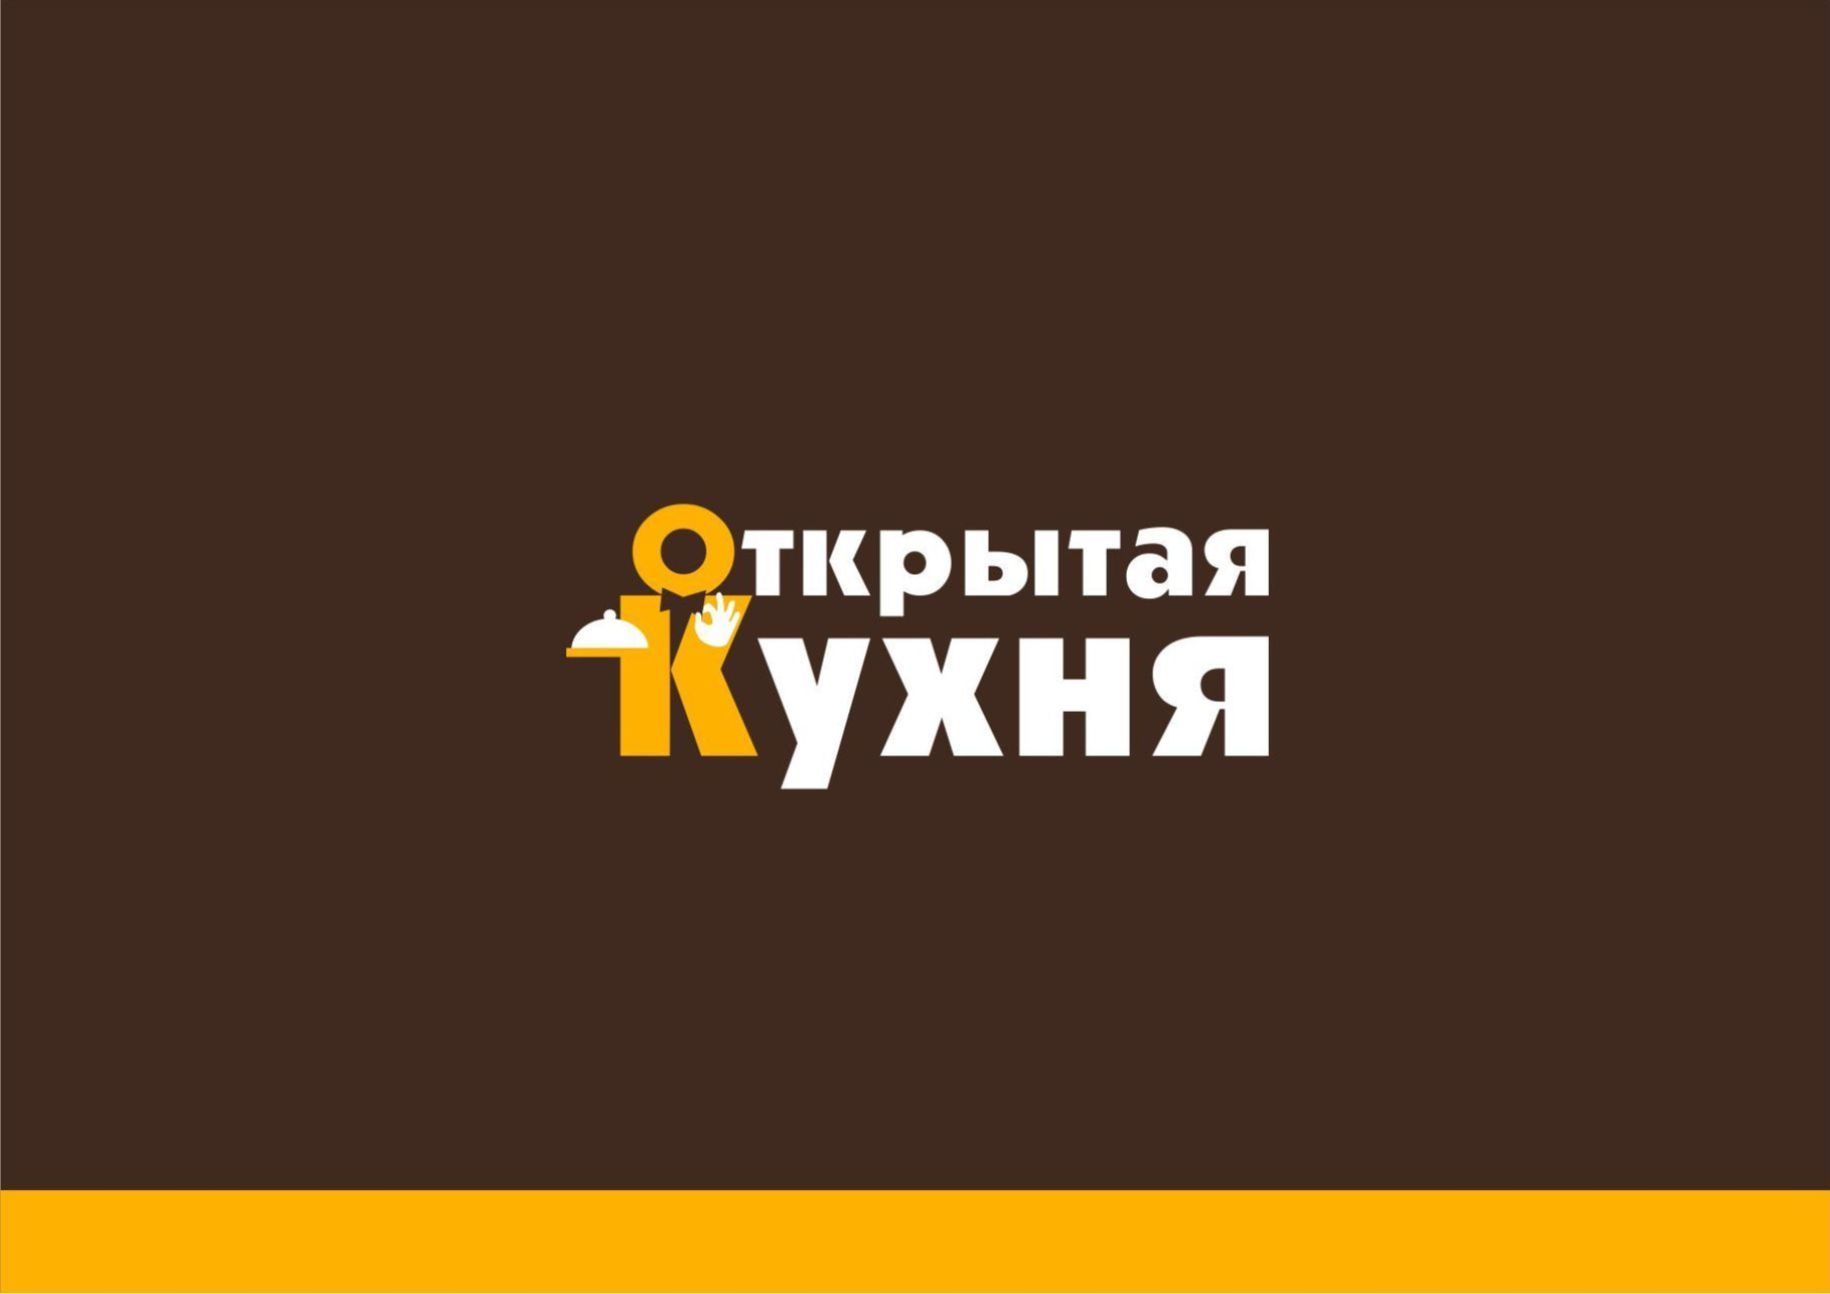 конкурс 1 место логотип ресторана